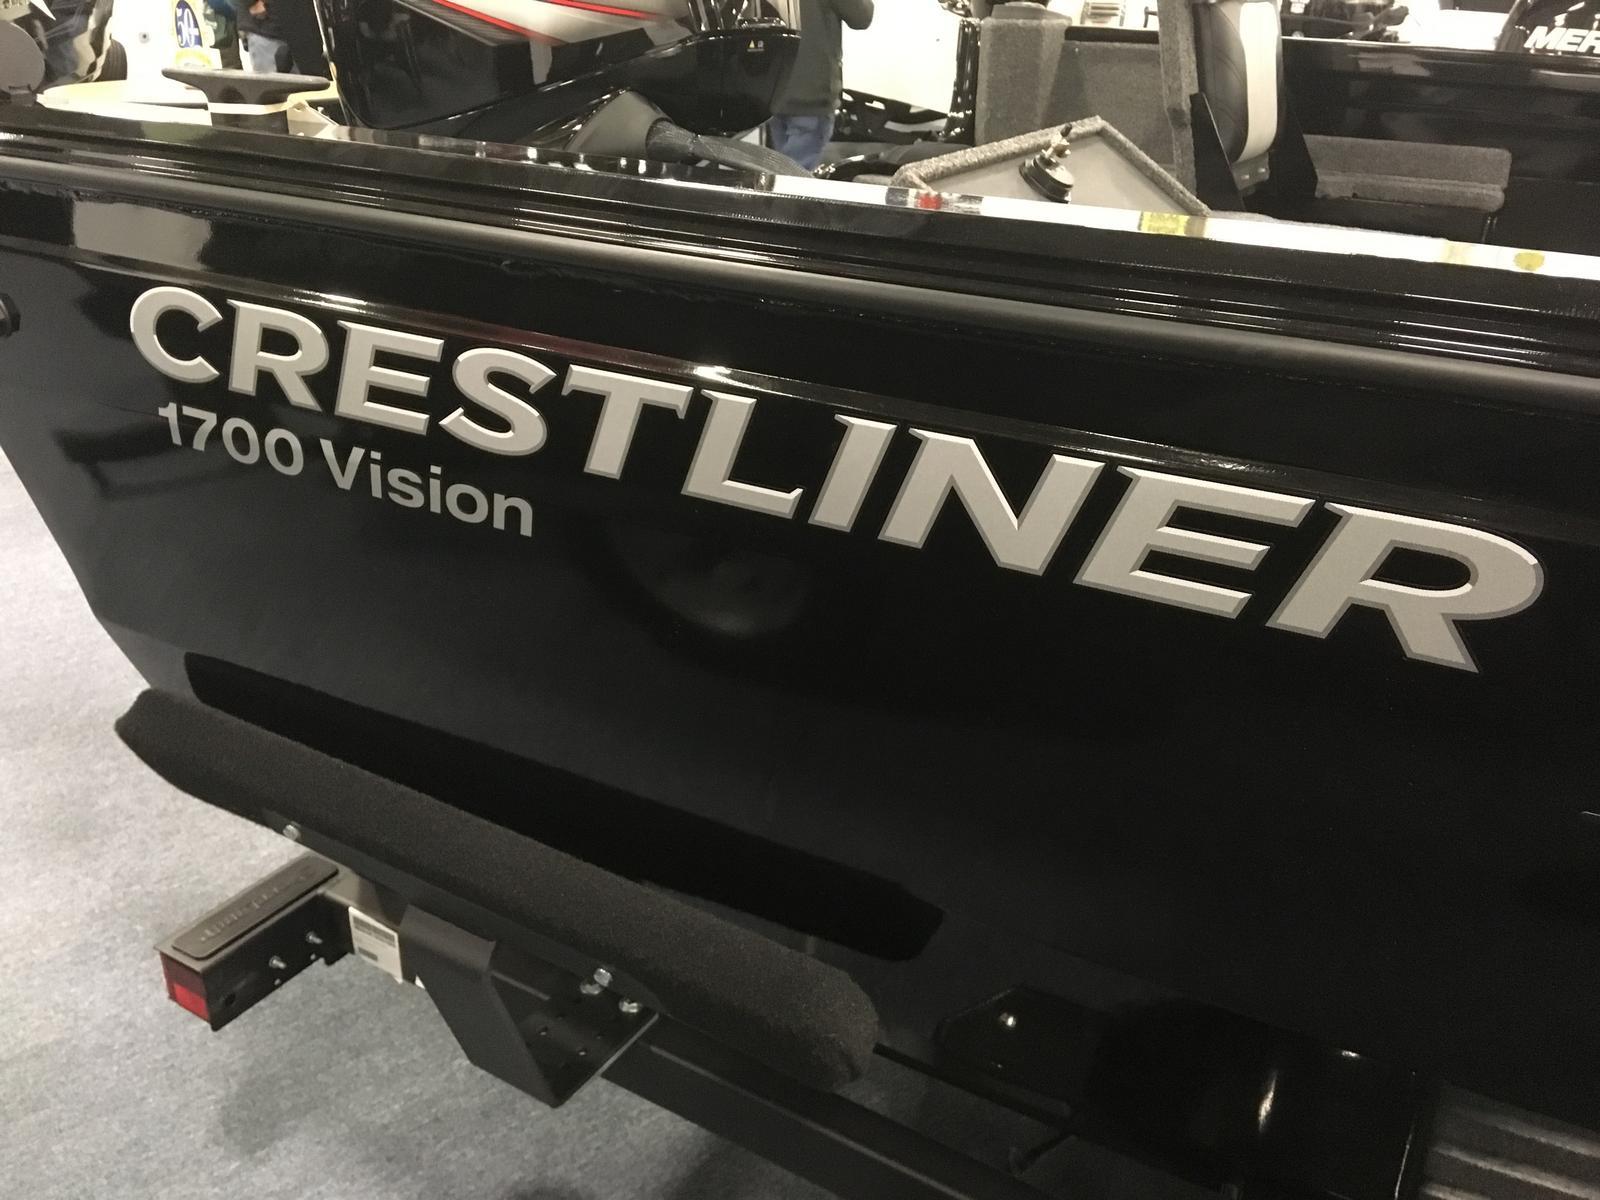 Crestliner 1700 Vision WT